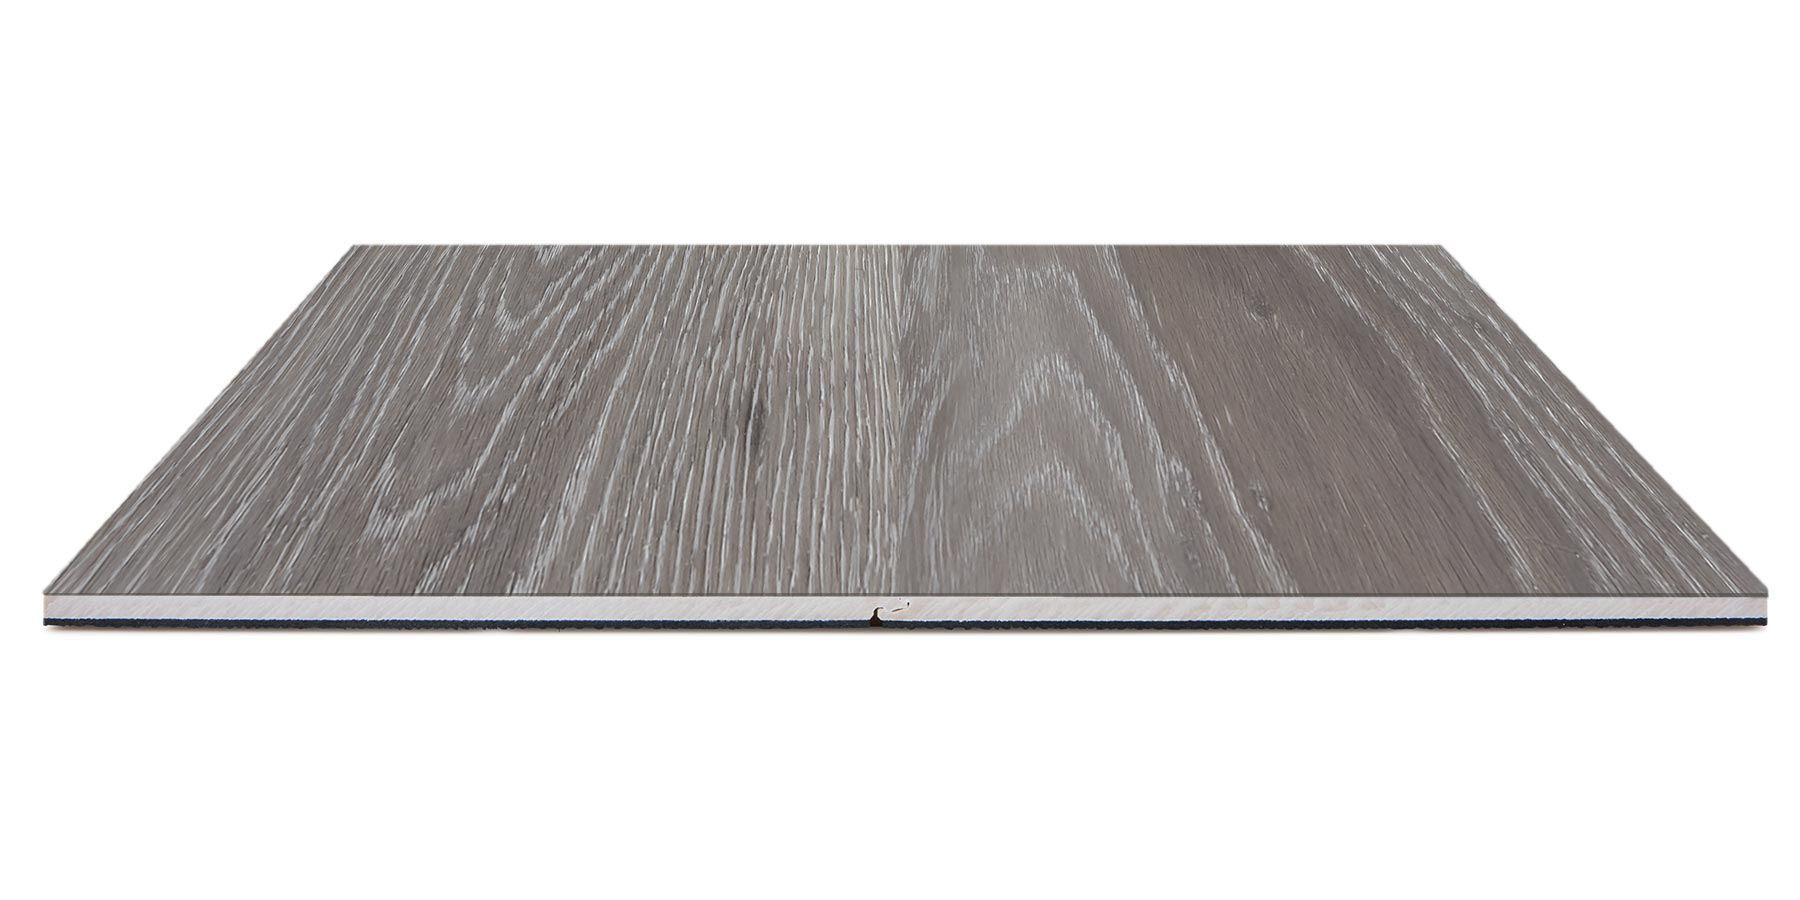 Galewood Vinyl Plank Flooring